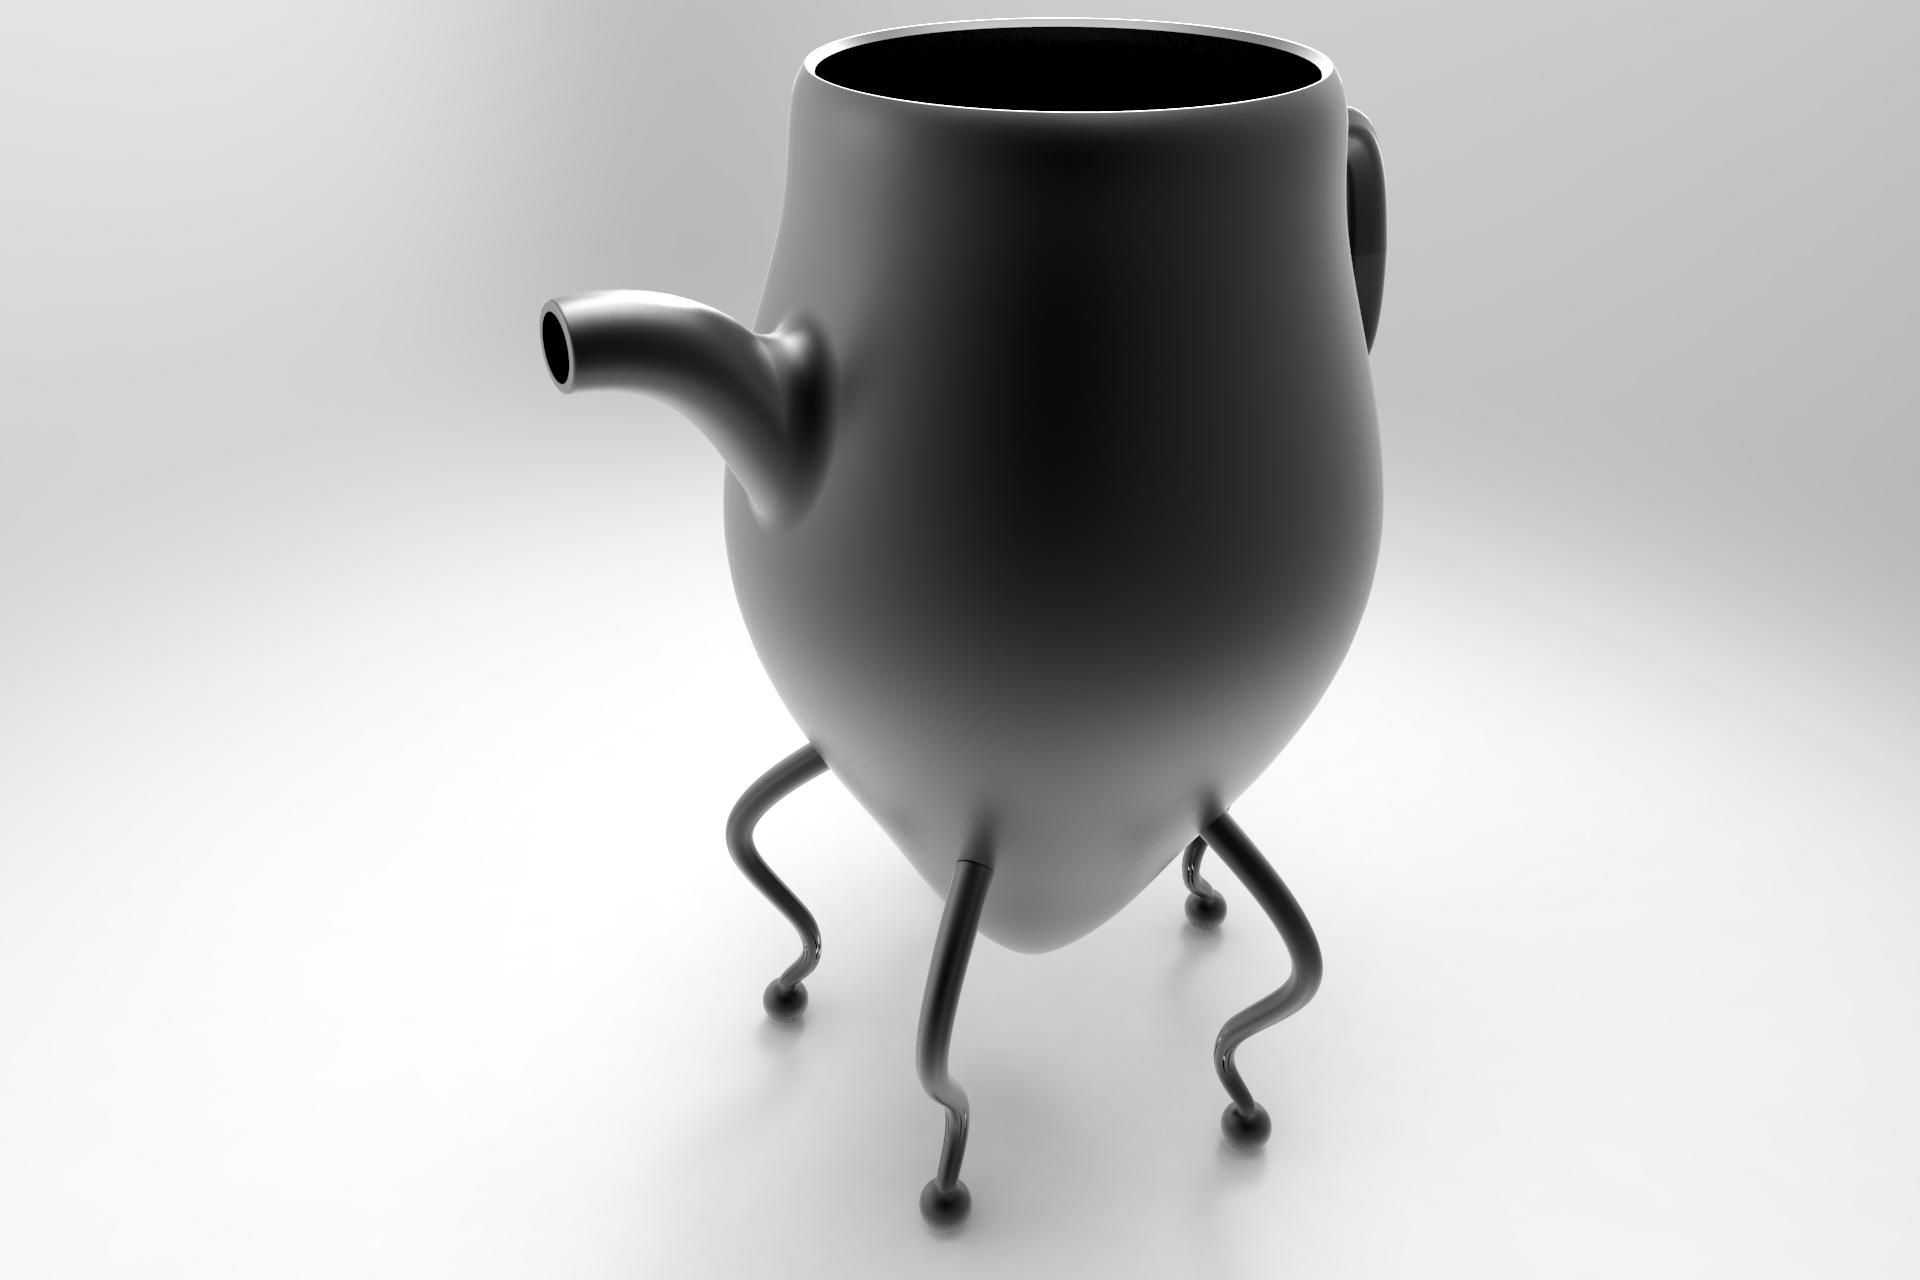 Tea Pot - by Sanjiv Sirpal